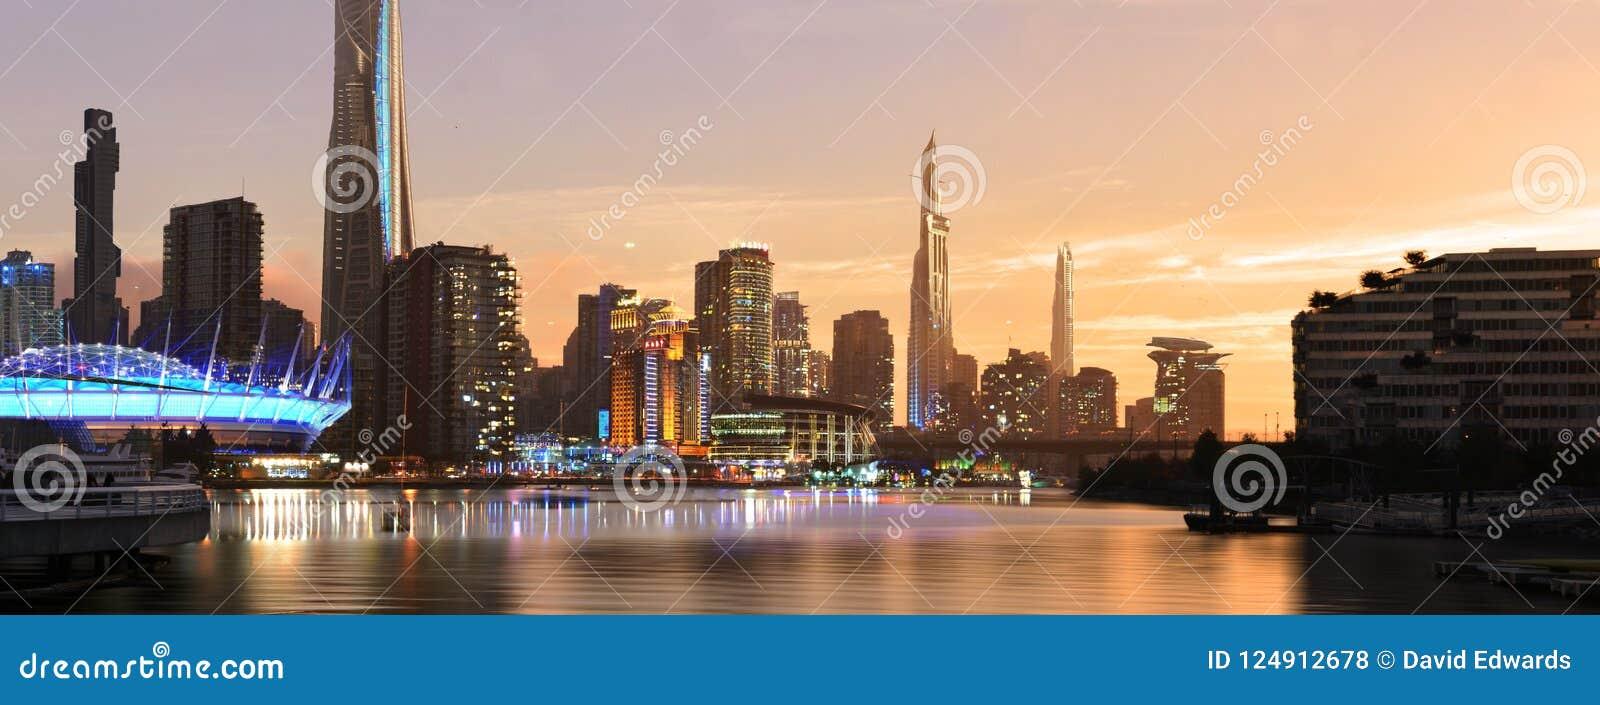 Stad av framtiden under solnedgång